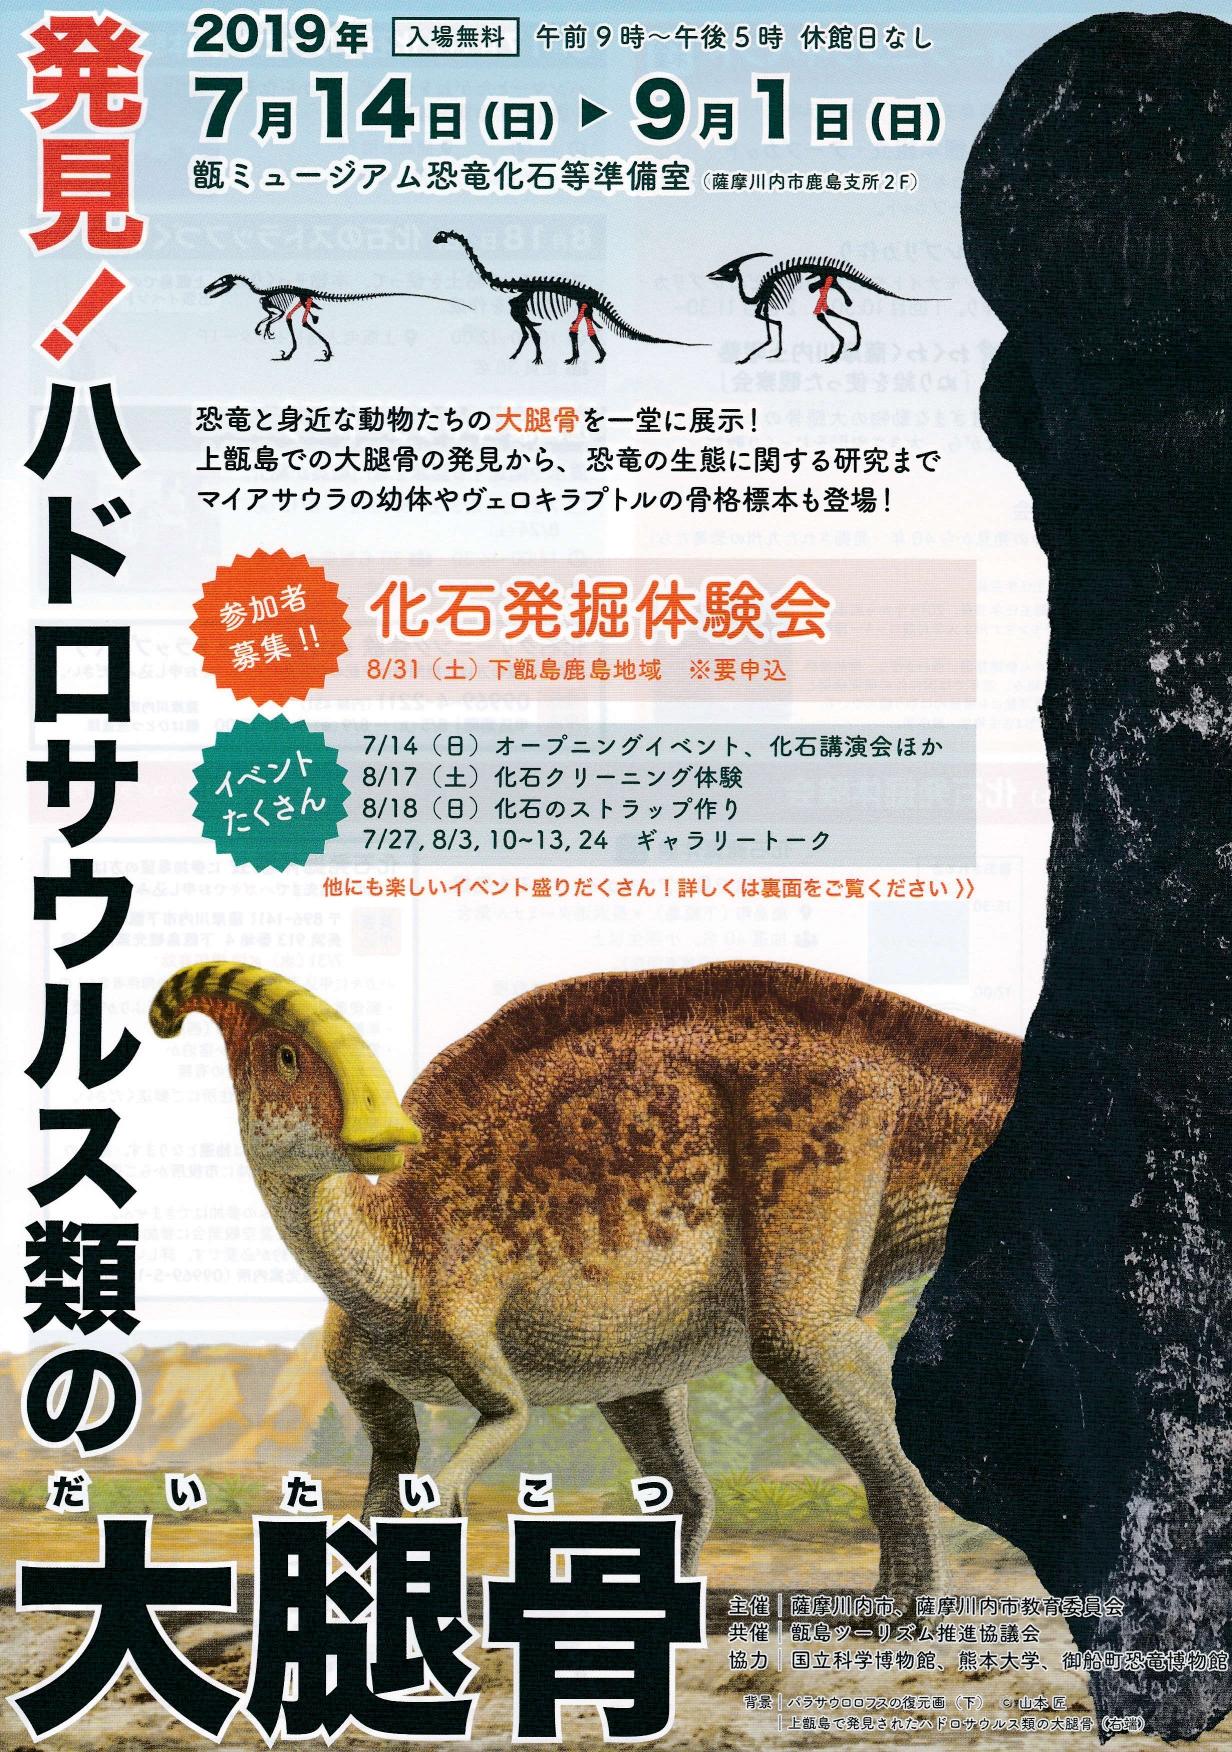 発見!ハドロサウルス類の大腿骨展示! 化石発掘体験会などイベントも!